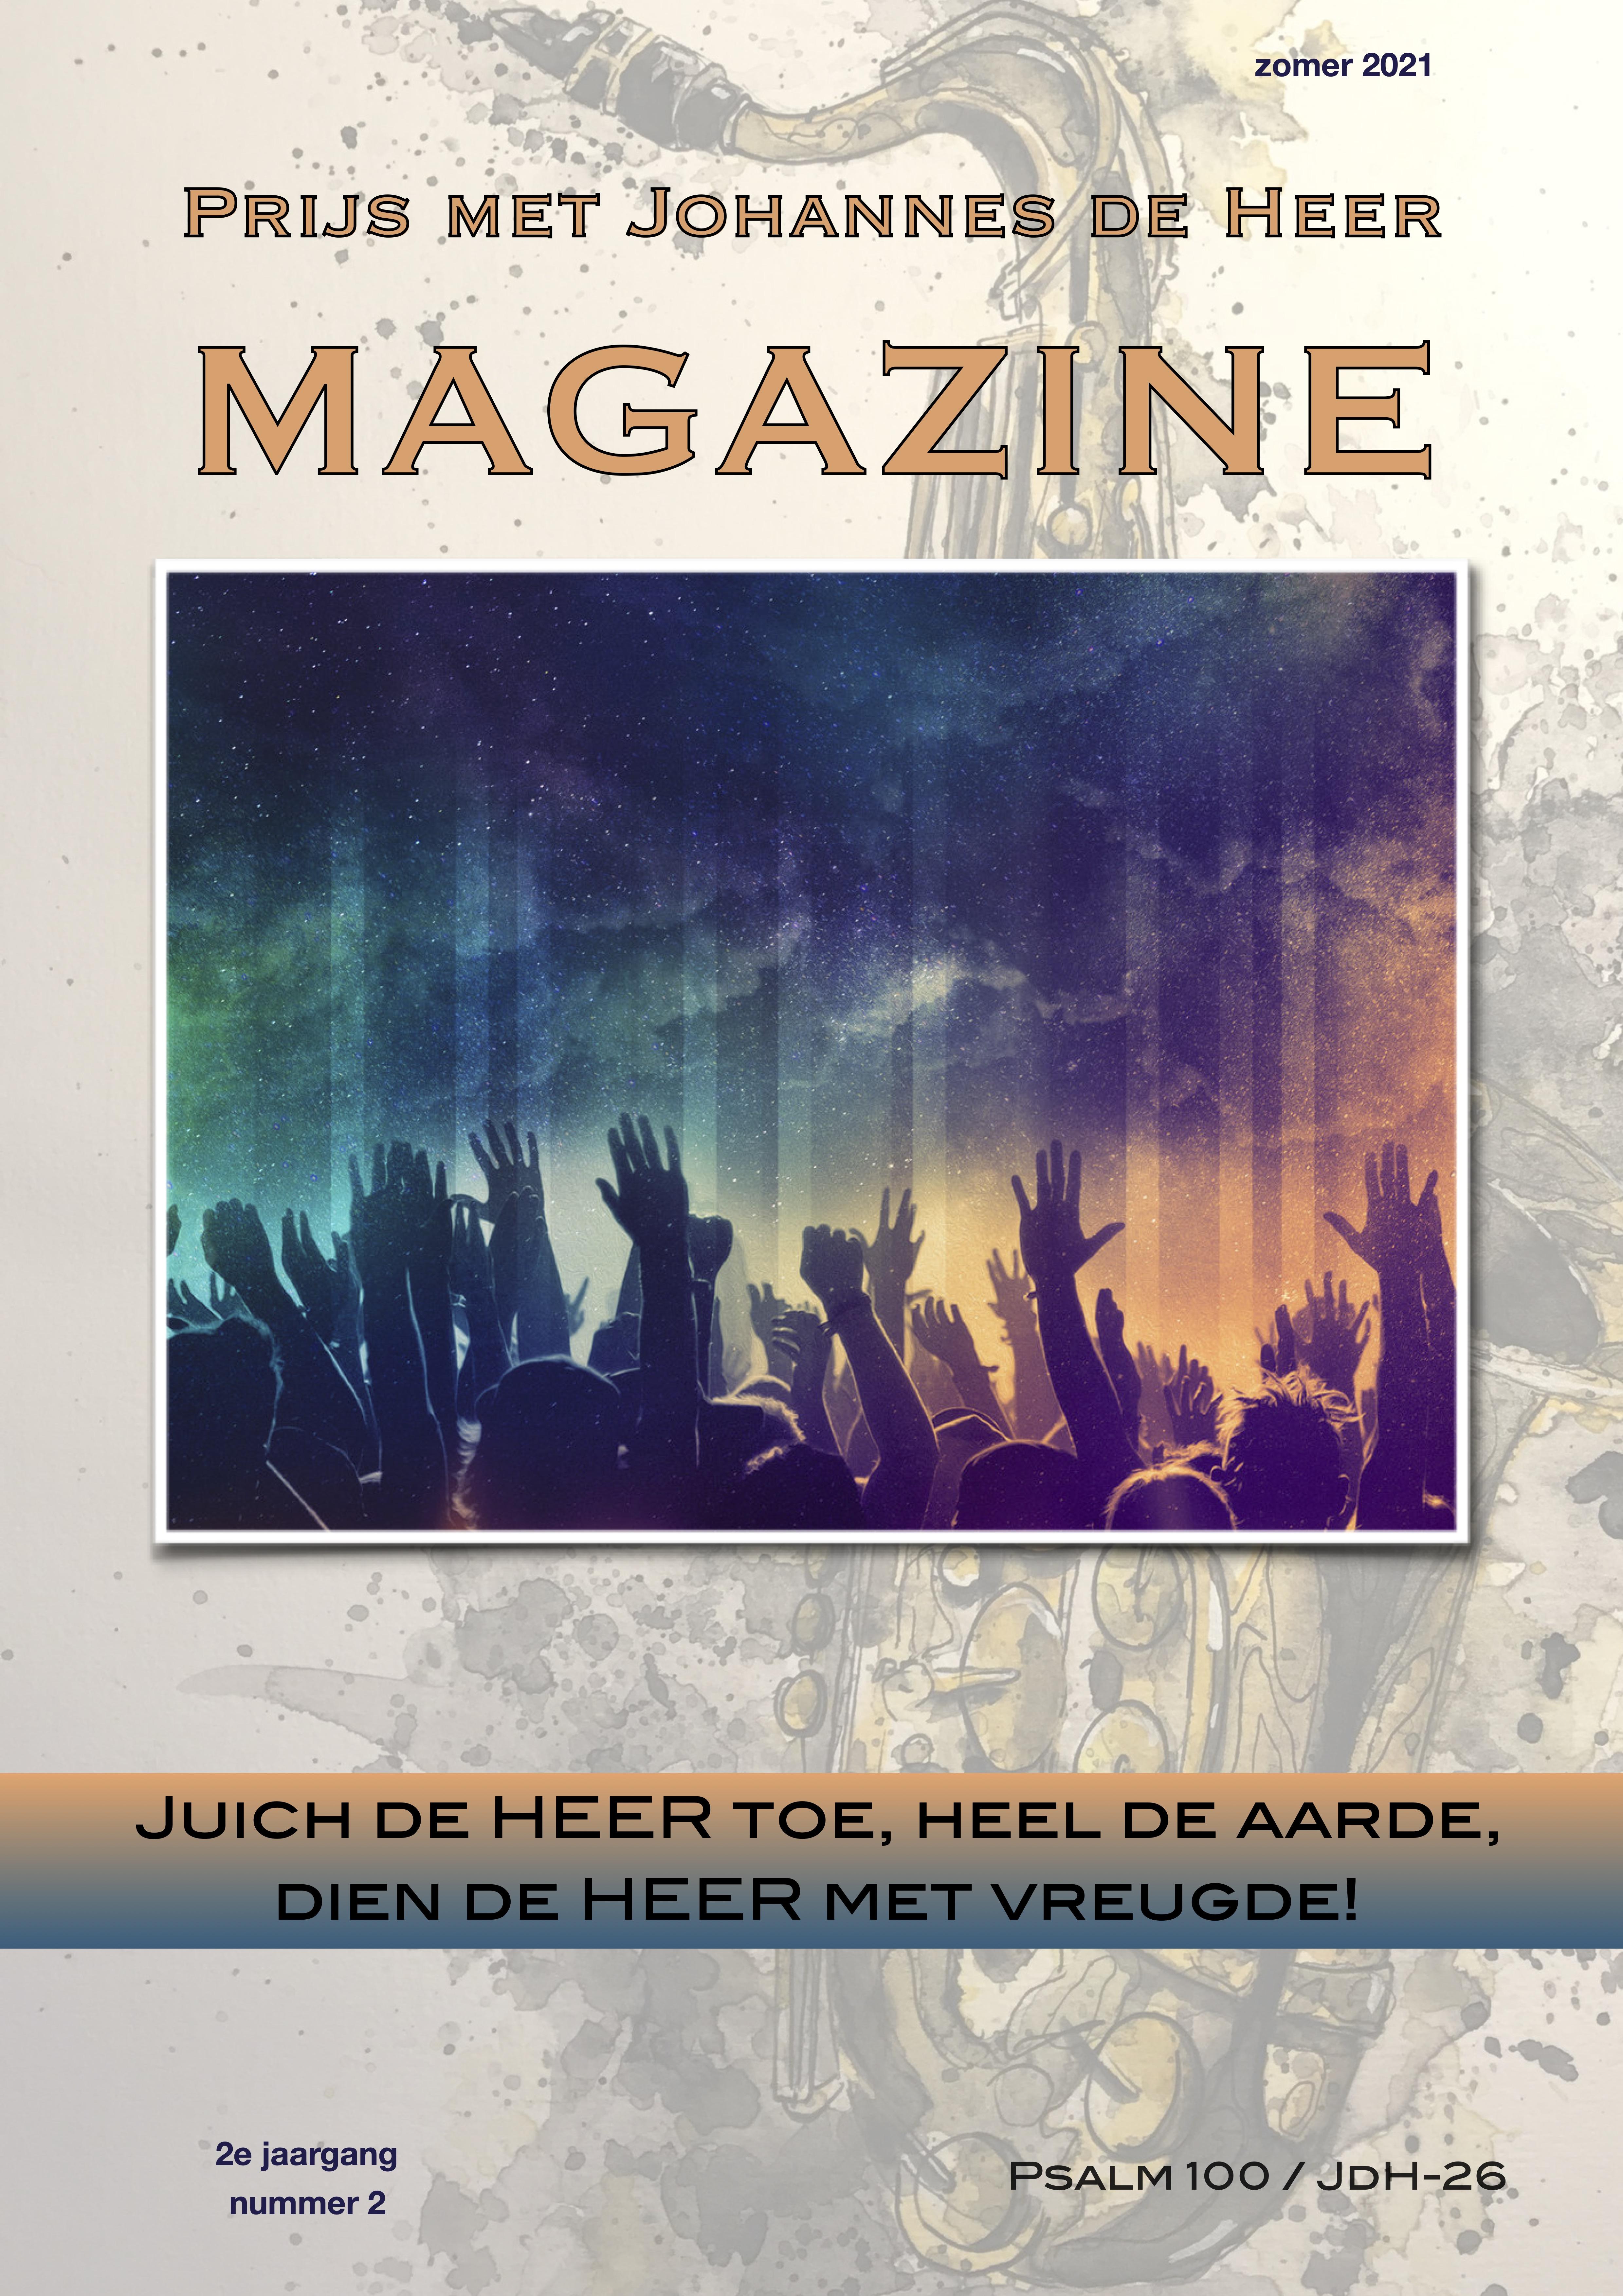 pmjdh-magazine-zomer-2021